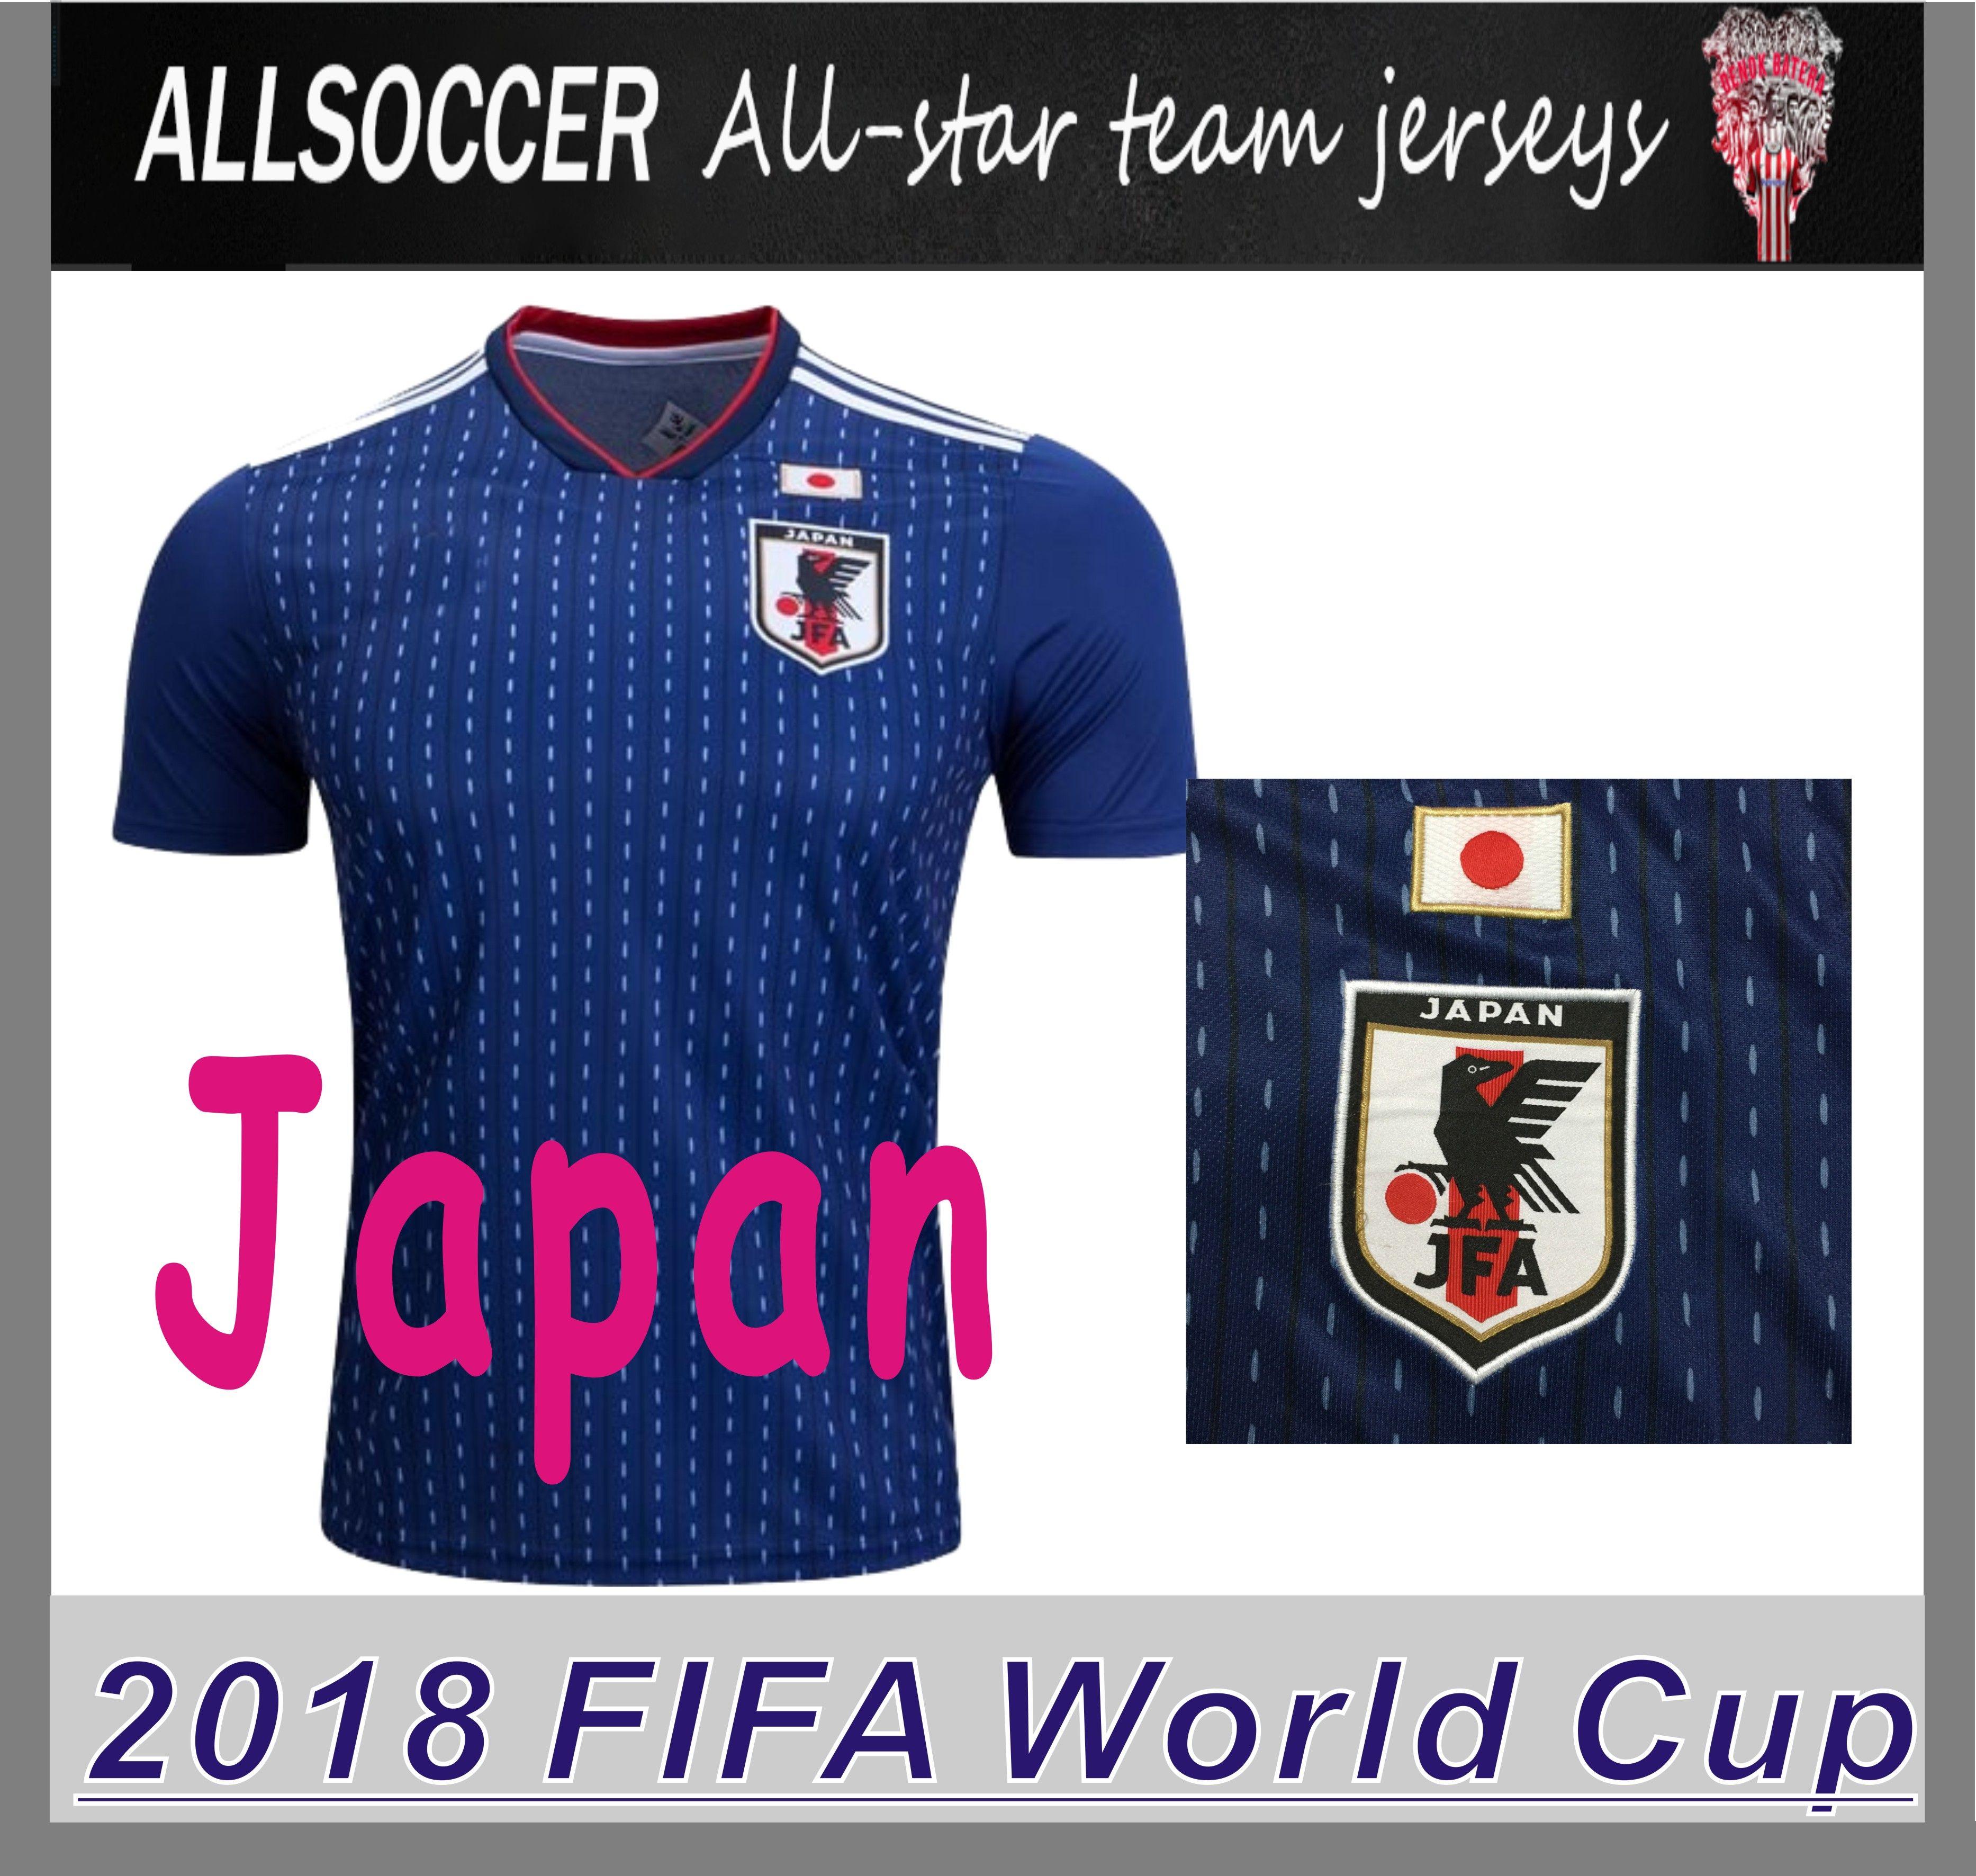 2bfc3dc67b4044 Acquista TOP QUALITY 2018 World Cup Japan Maglie Calcio OKAZAKI KAGAWA  HASEBE NAGATOMO Maglia Giappone Home TOP Thailandia Calcio Di Qualità A  $14.99 Dal ...